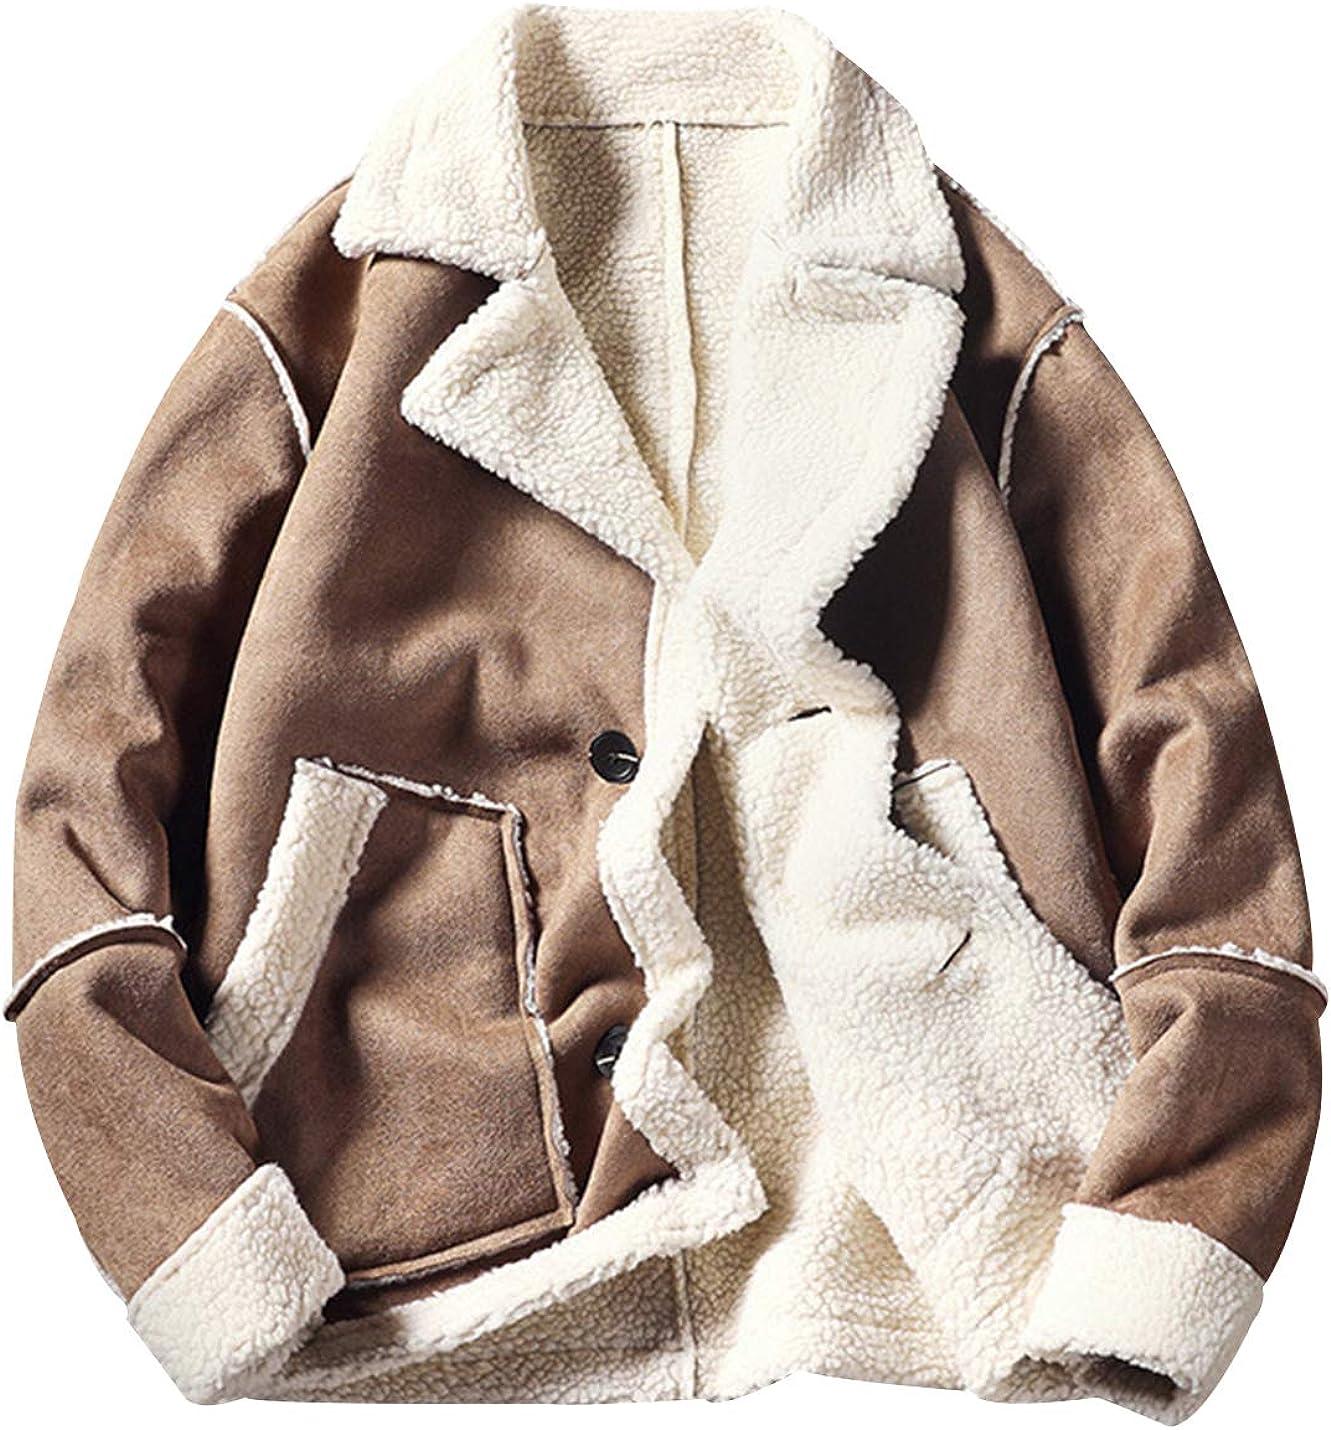 Yimoon Men's Faux Suede Shearling Coats Sherpa Lined Jackets